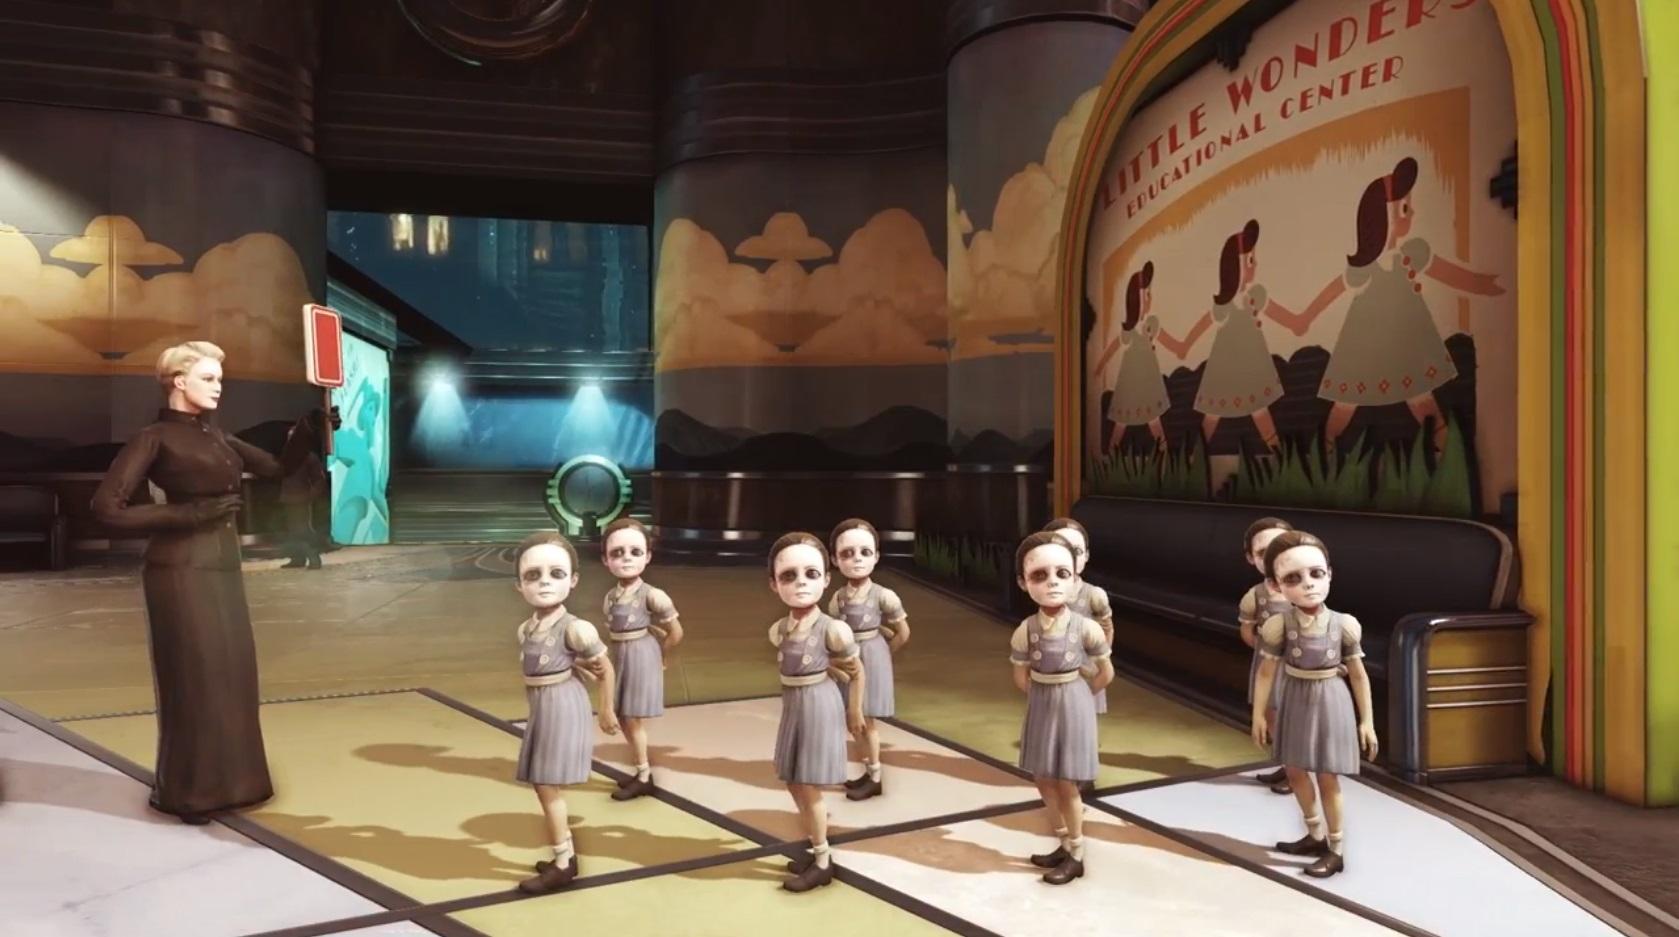 BioShock Infinite: Burial at Sea – Epizoda 1 7517